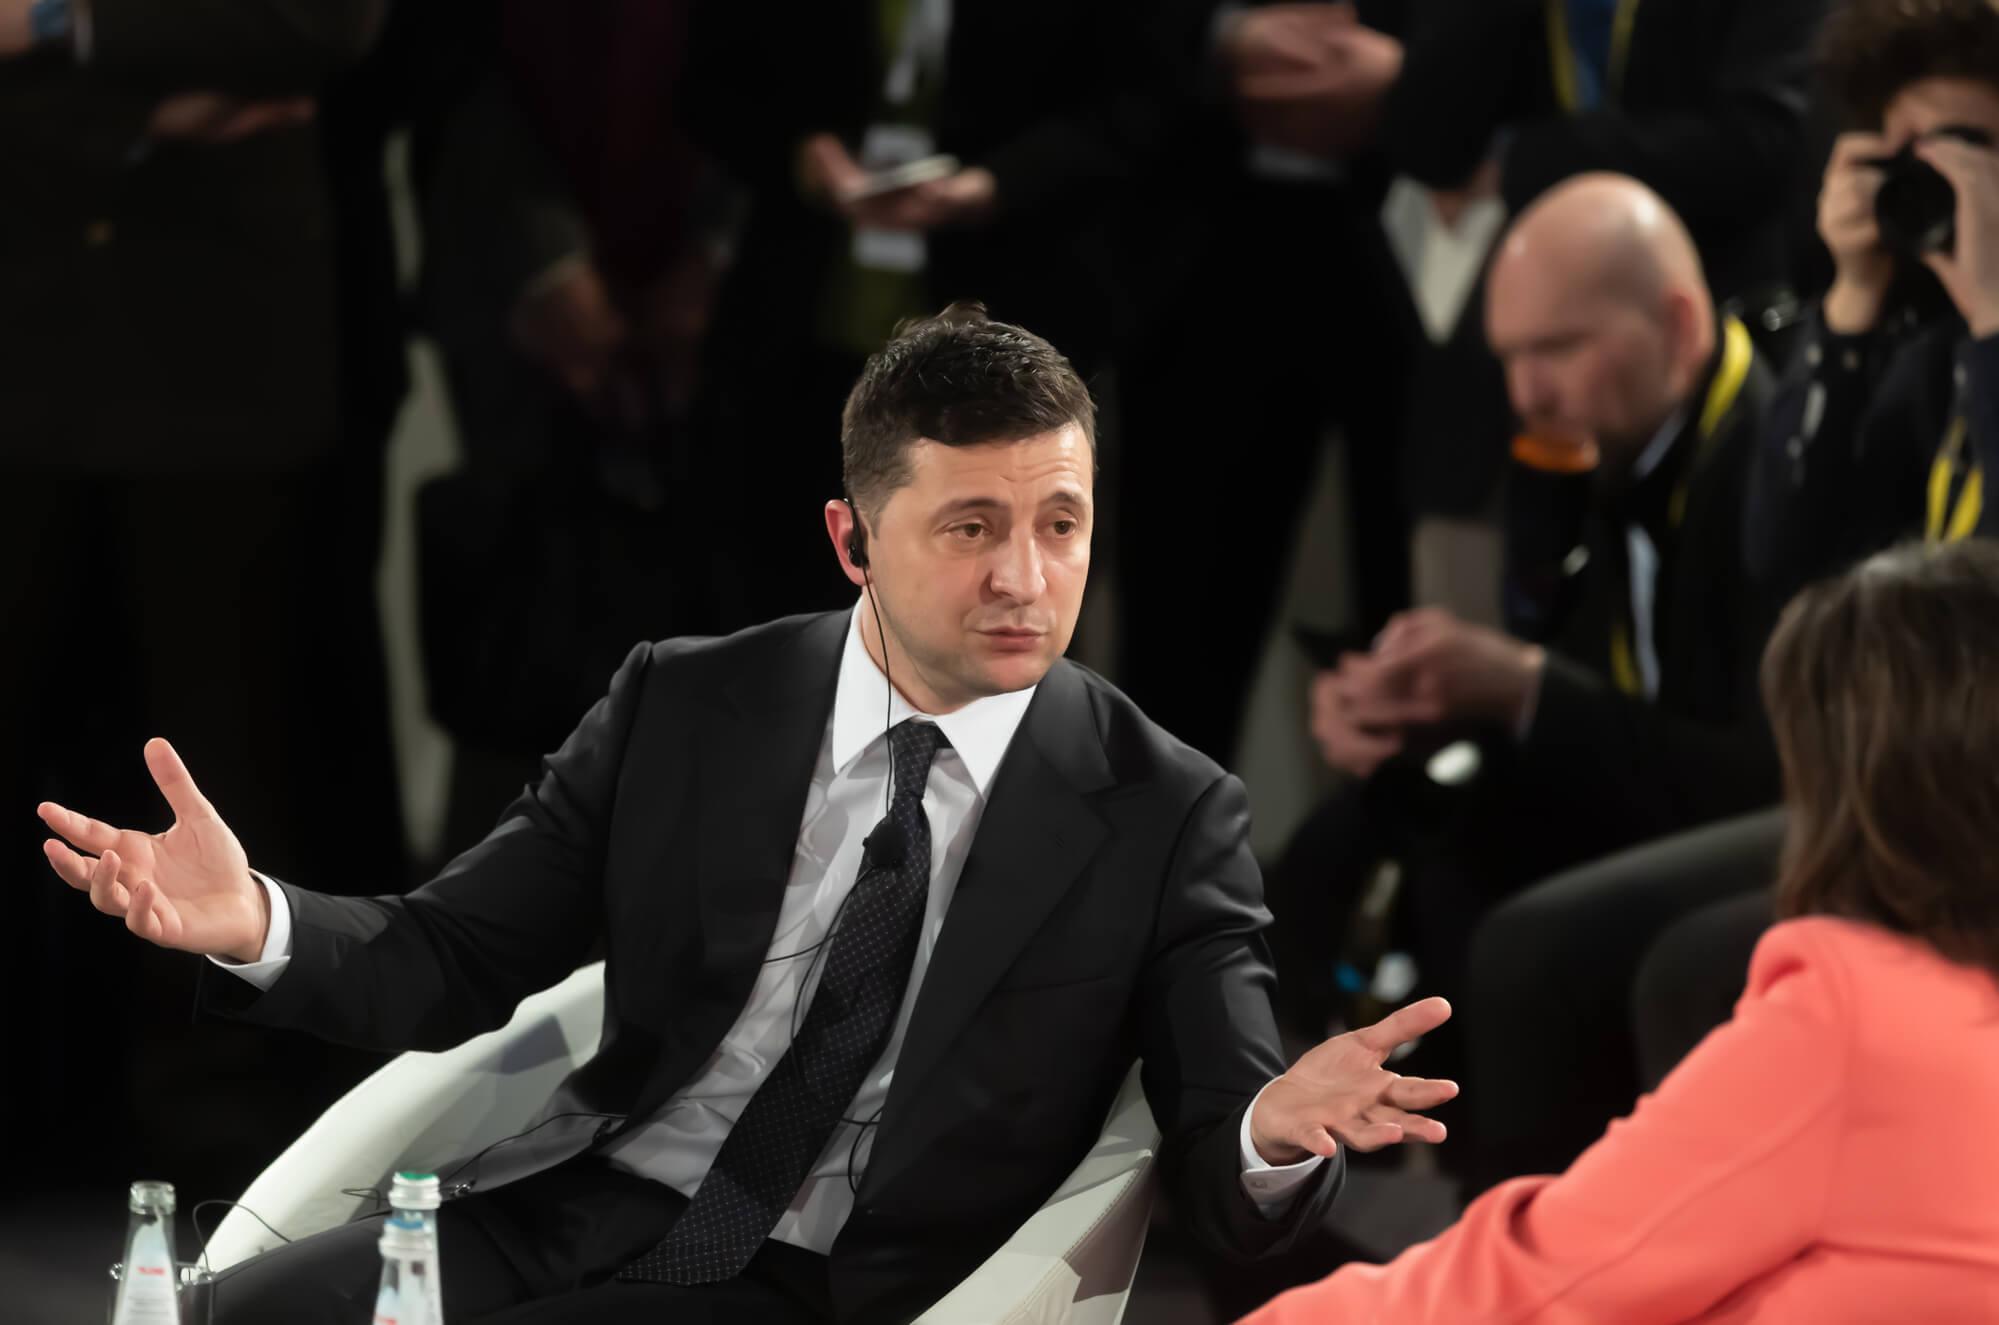 Ціна реінтеграції Донбасу: $22 мільярда чи більше?